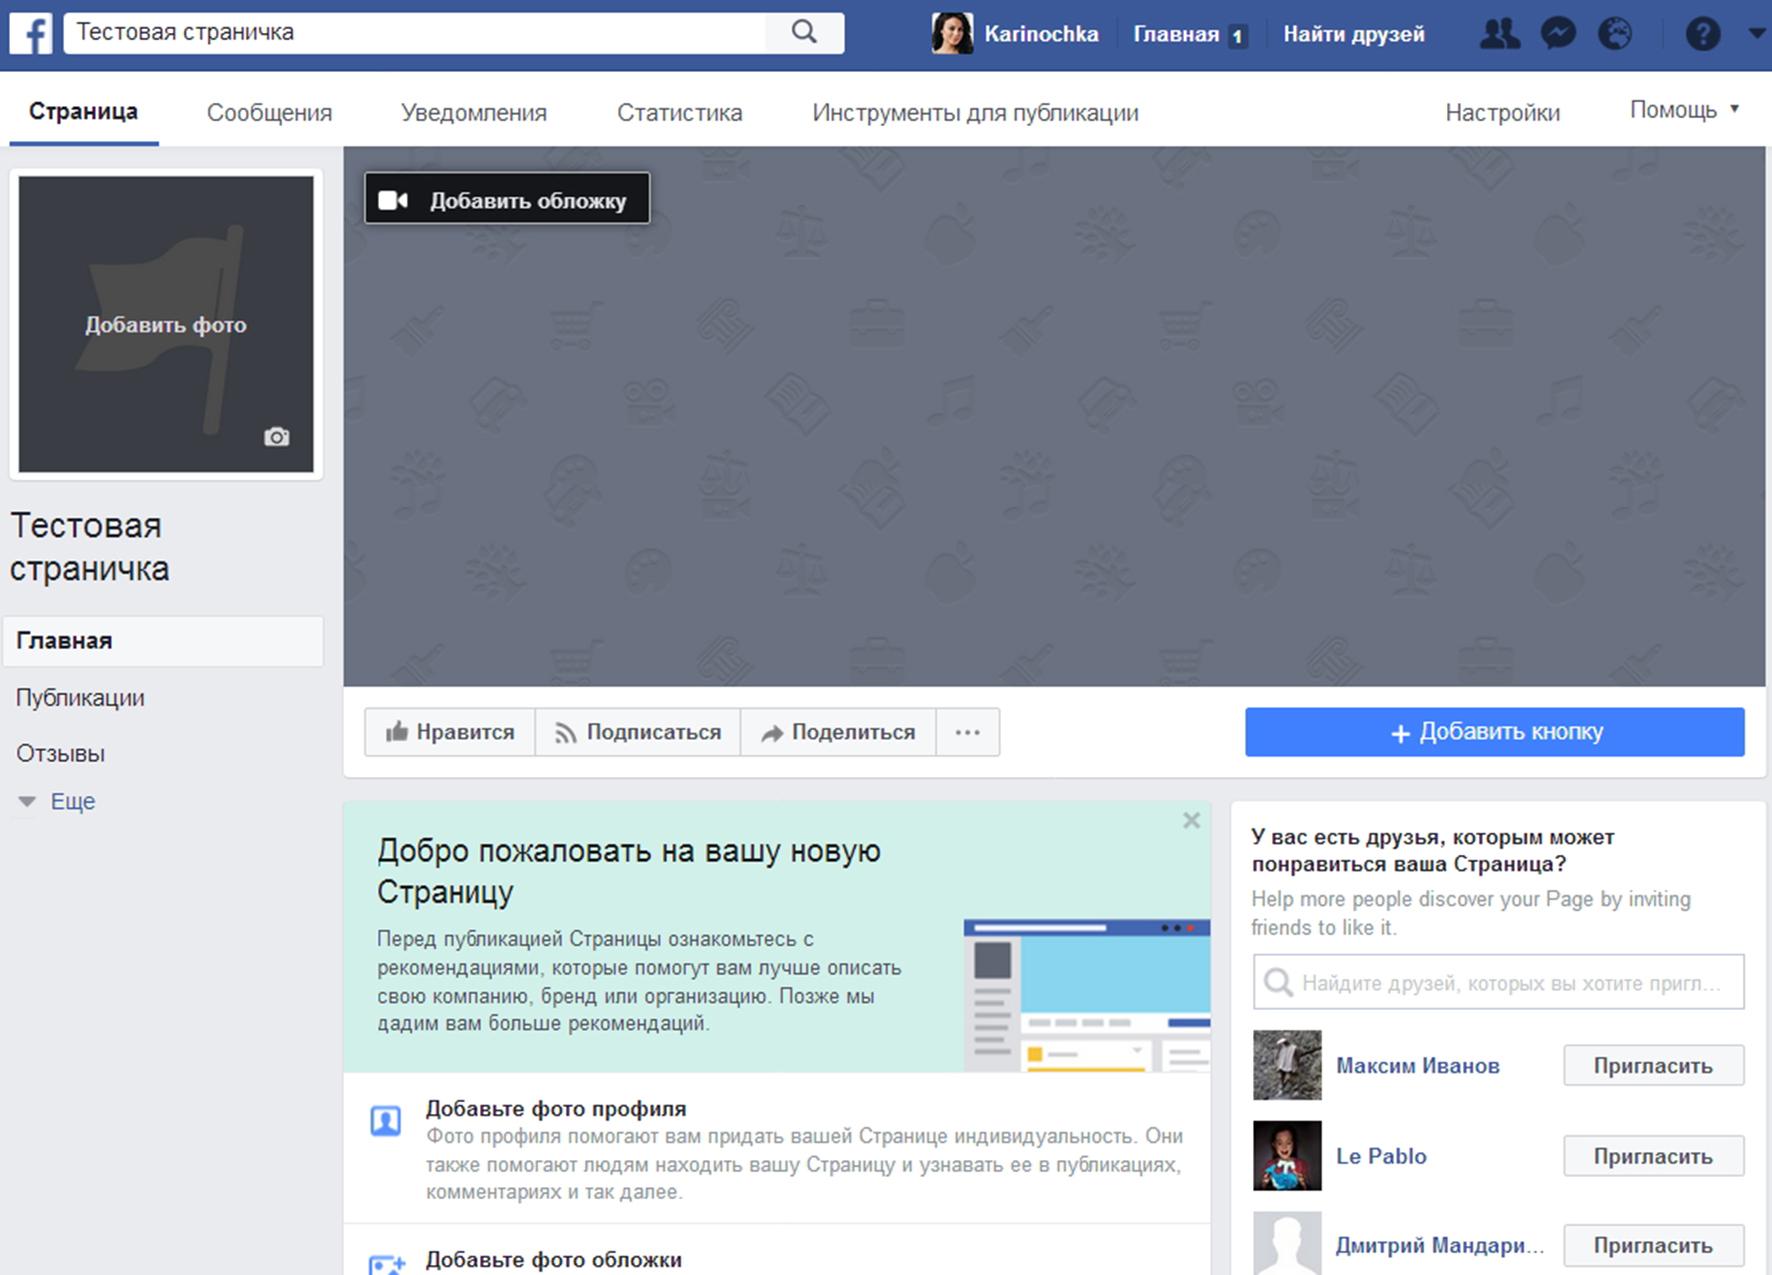 Созданная за 5 минут и полностью готовая страничка Фейсбук, без оформления